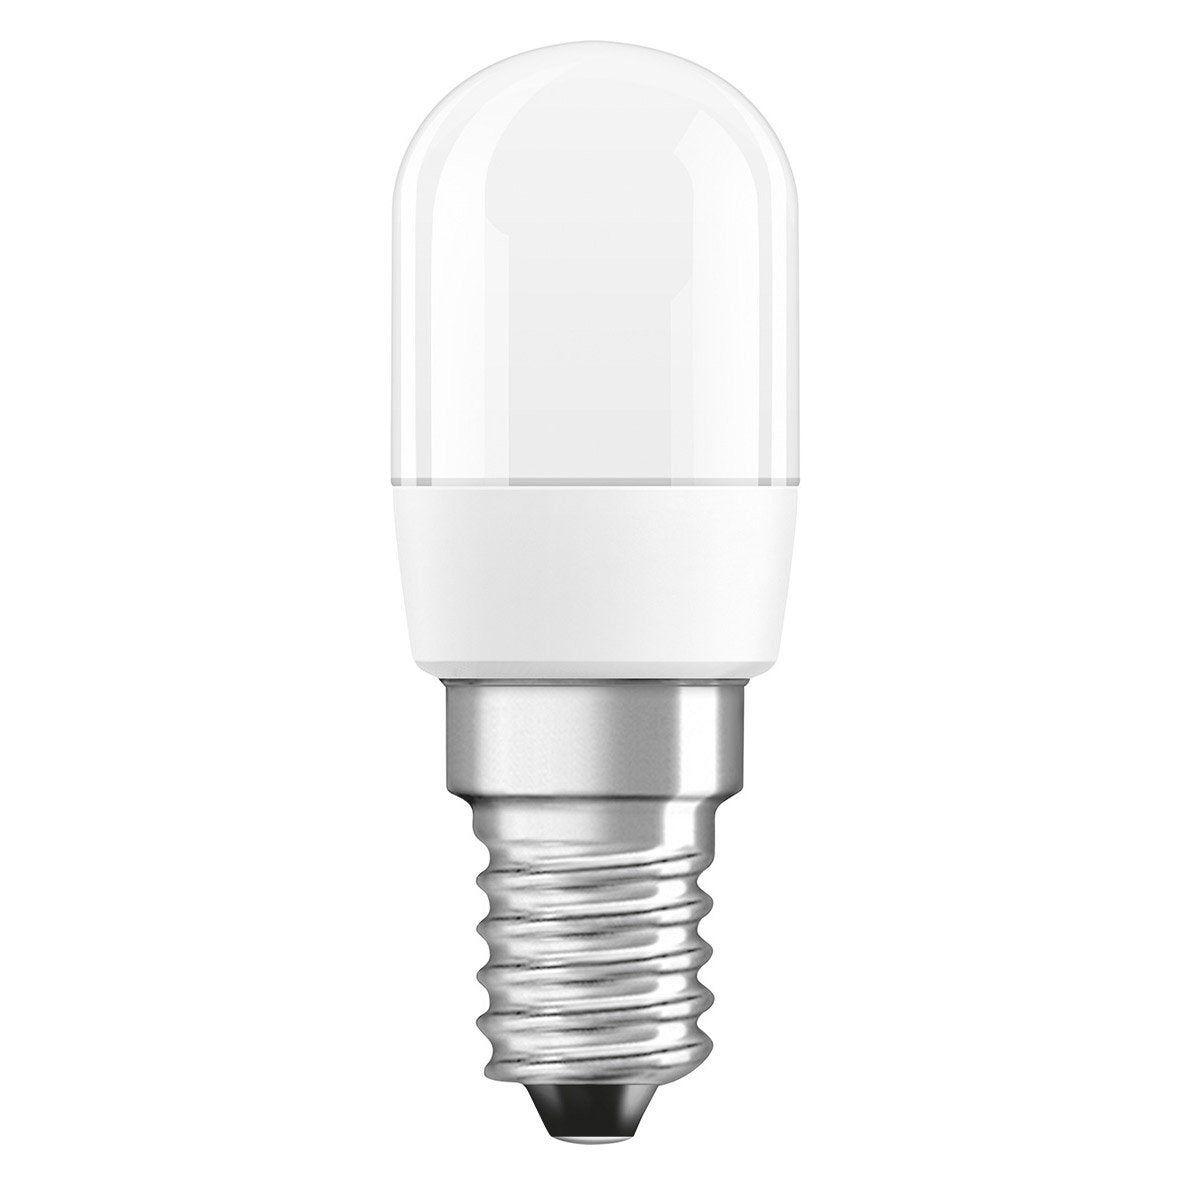 Ampoule Tube Led 15w 100lm équiv 15w E14 6500k Osram